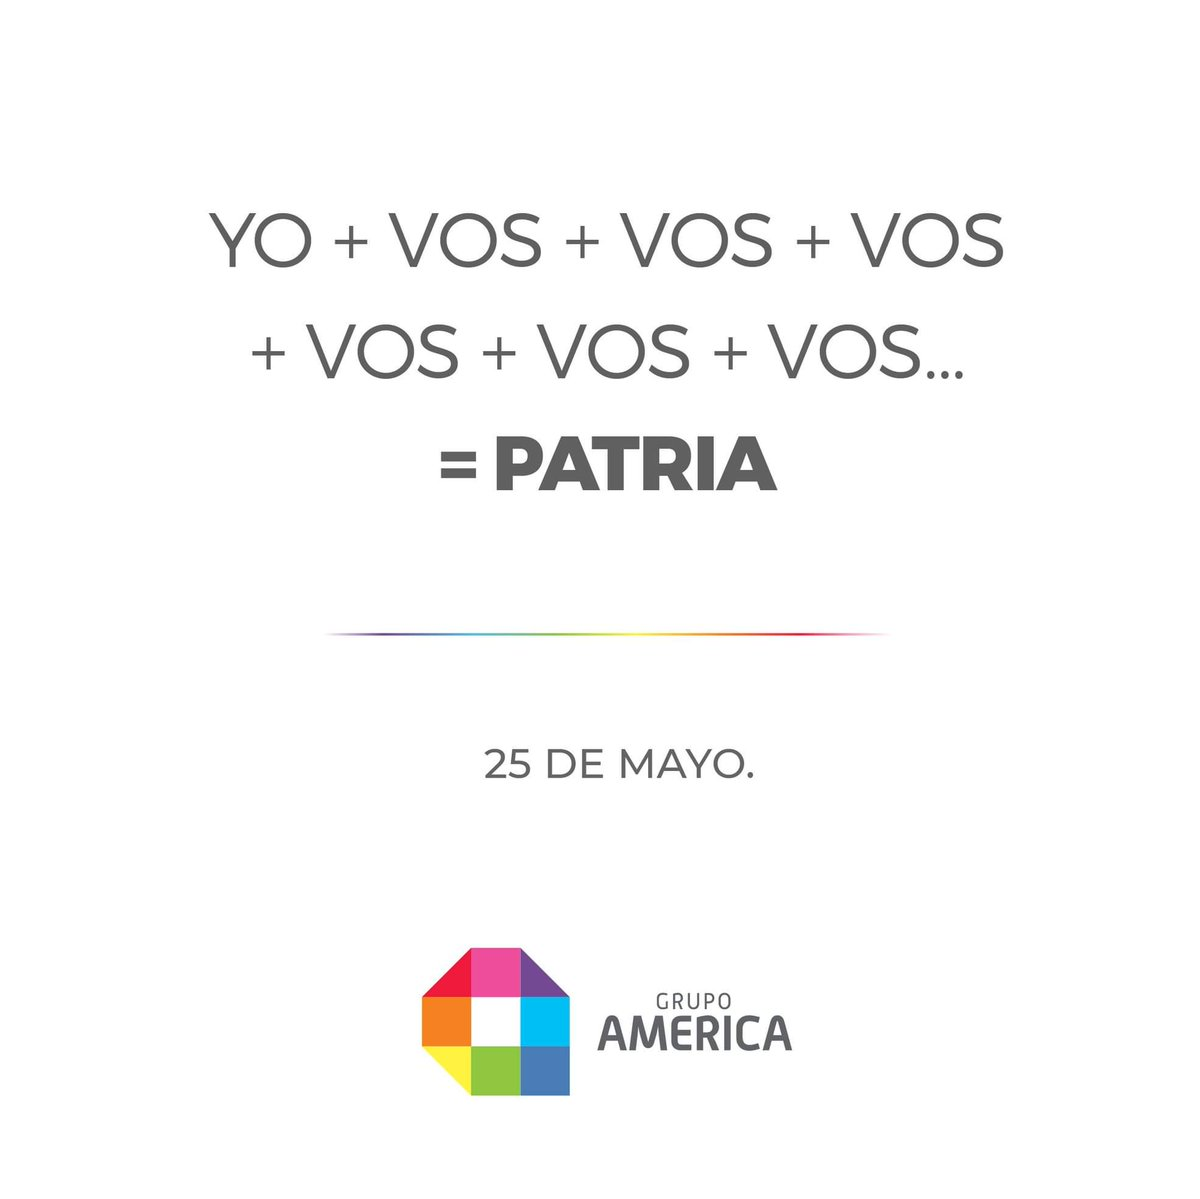 ¡Se cumple un nuevo aniversario de la #RevoluciónDeMayo!  #25deMayo #GrupoAMERICA 🇦🇷🕊 https://t.co/5rEVxZZmyI